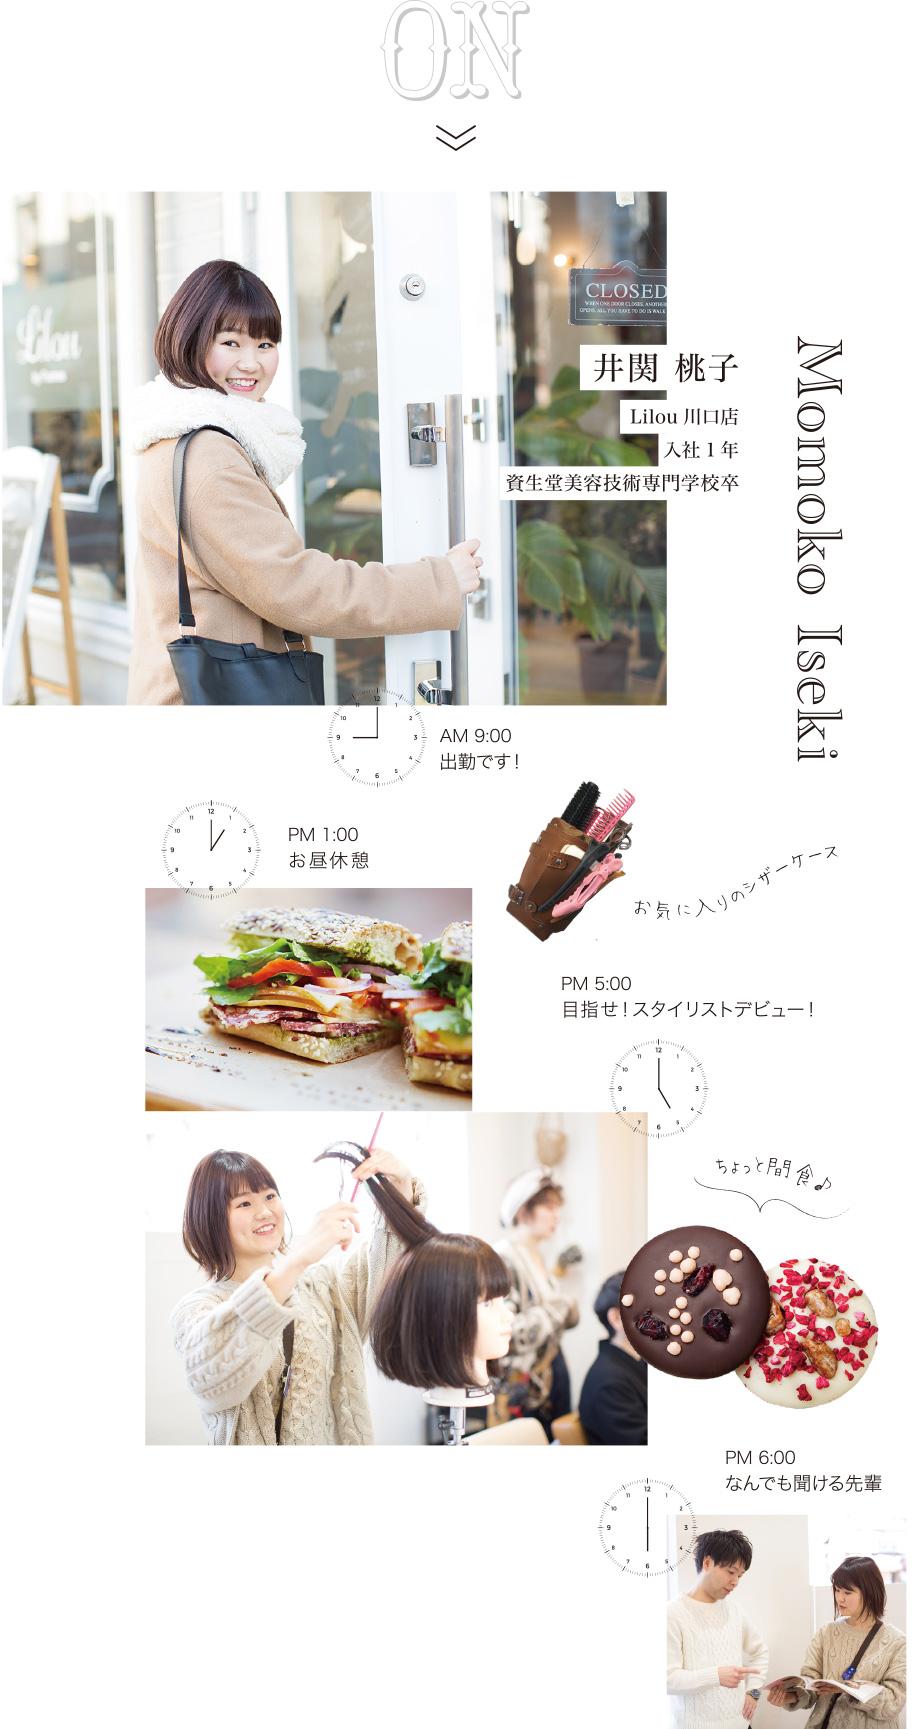 井関桃子 Lilou川口店